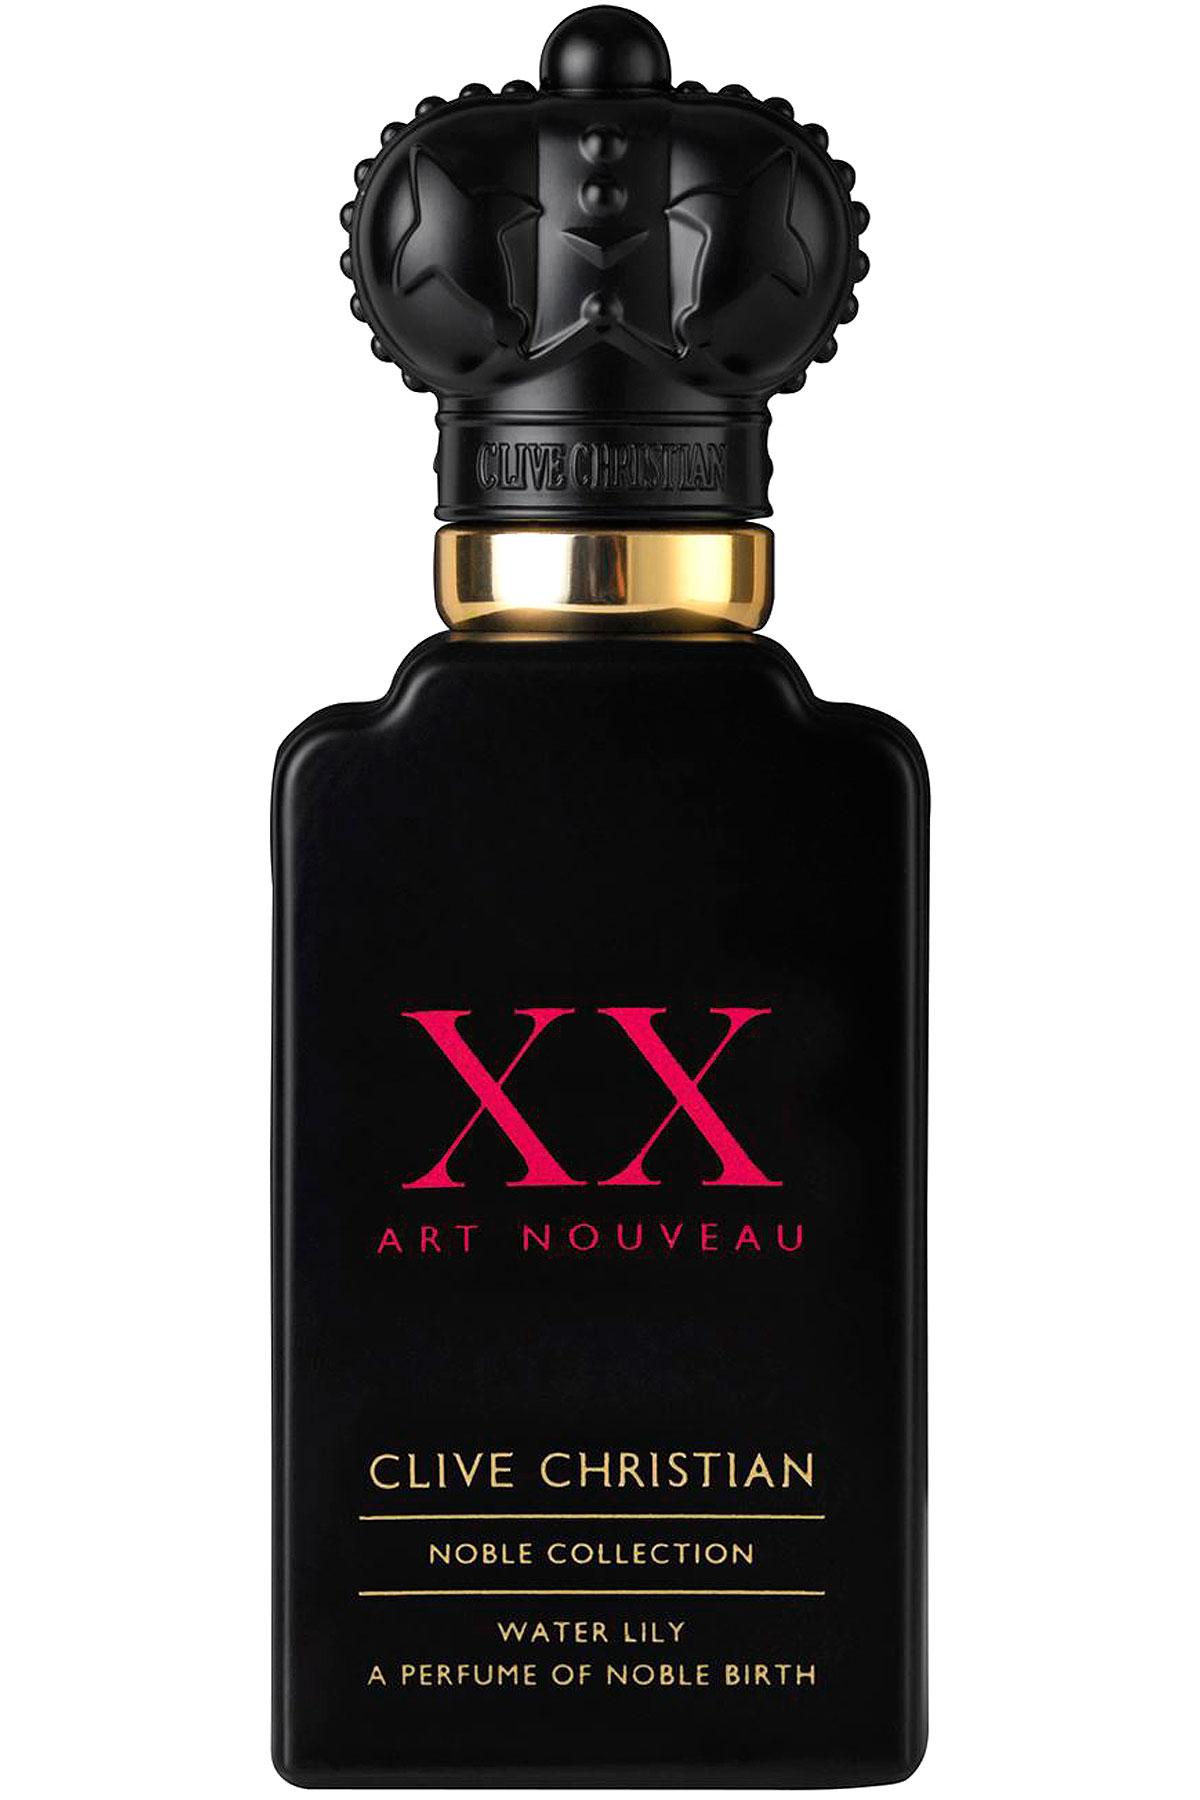 Clive Christian Fragrances for Women, Noble Xx Art Nouveau Water Lily - Eau De Parfum - 50 Ml, 2019, 50 ml